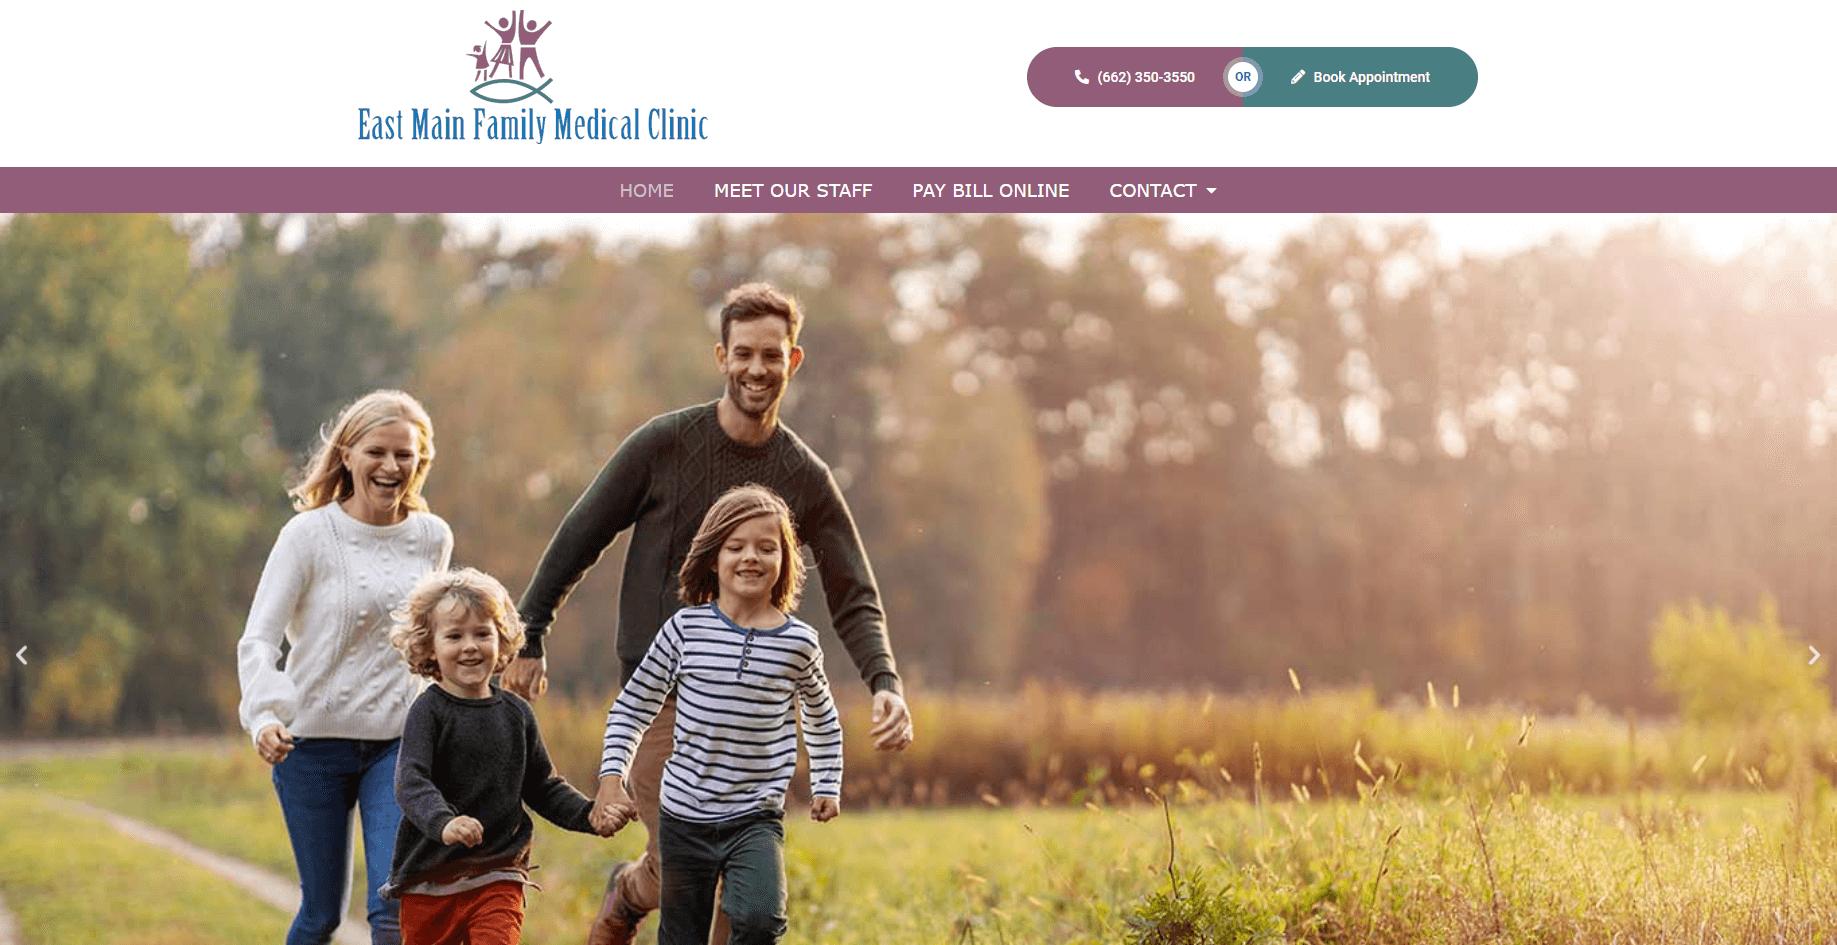 medical website design - east main family medical